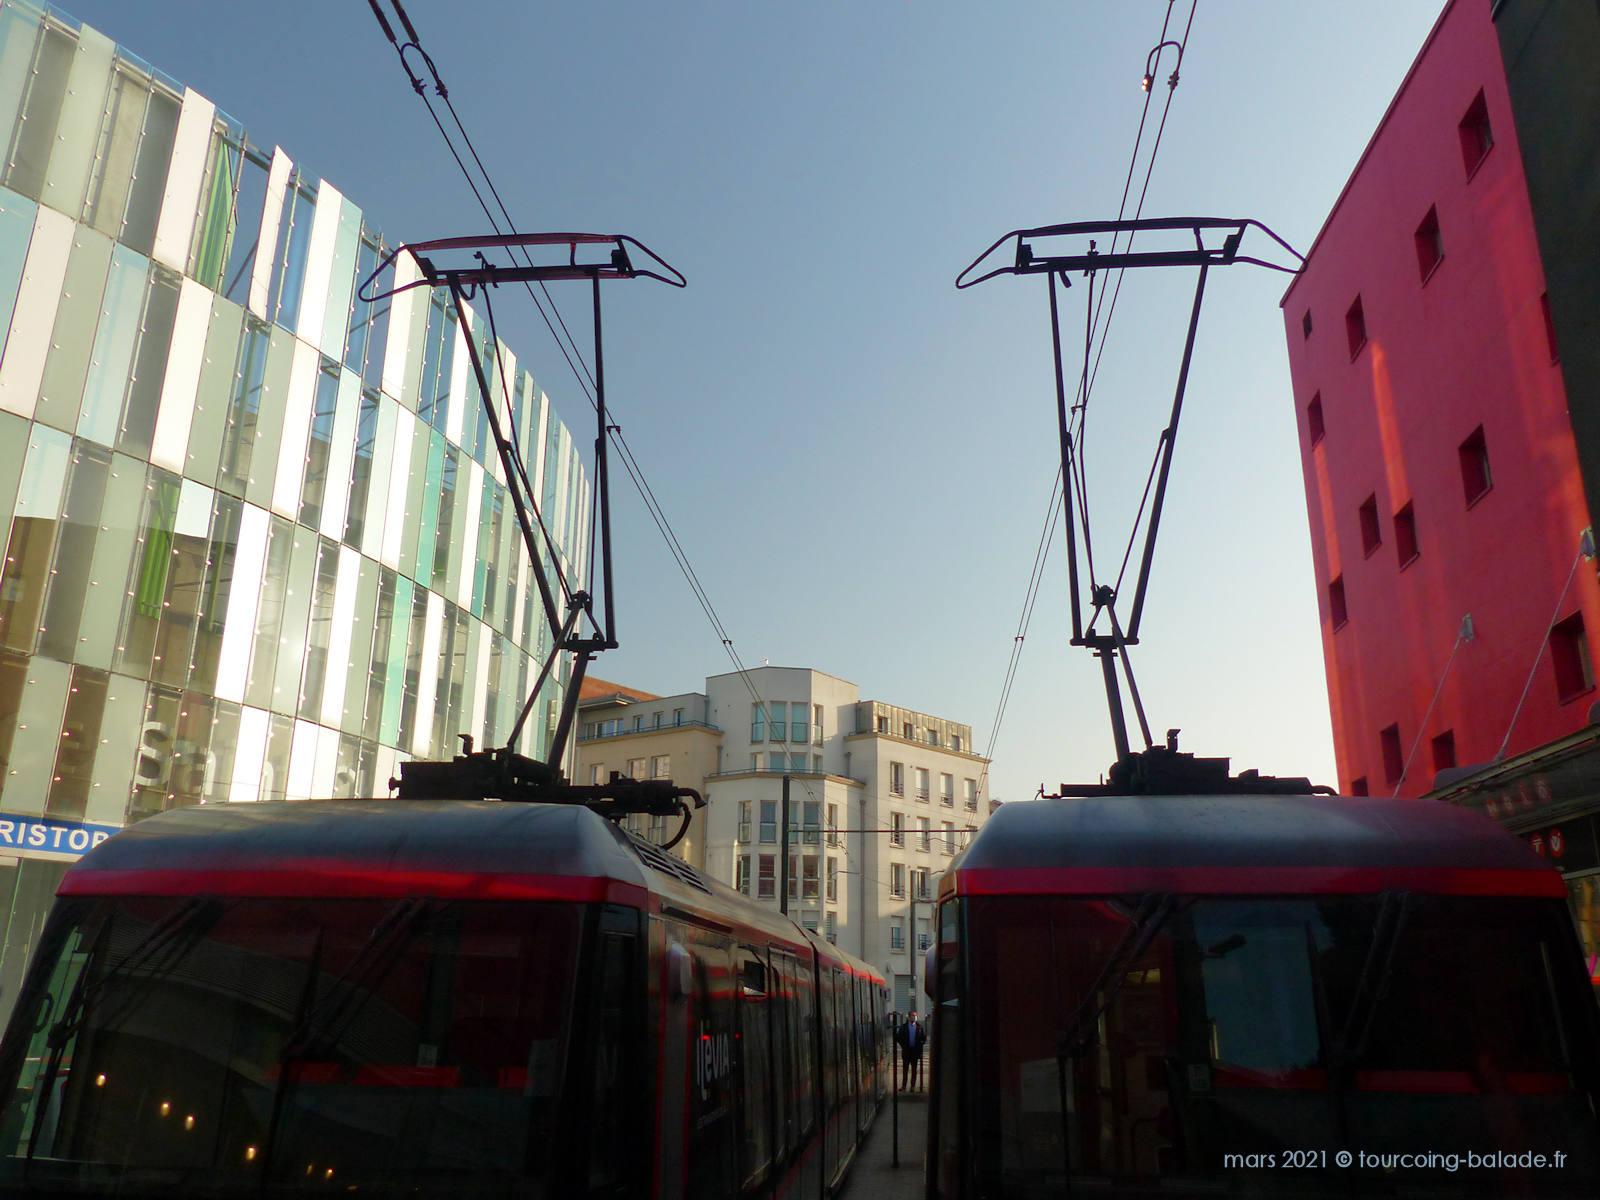 Tramway Tourcoing, 2021